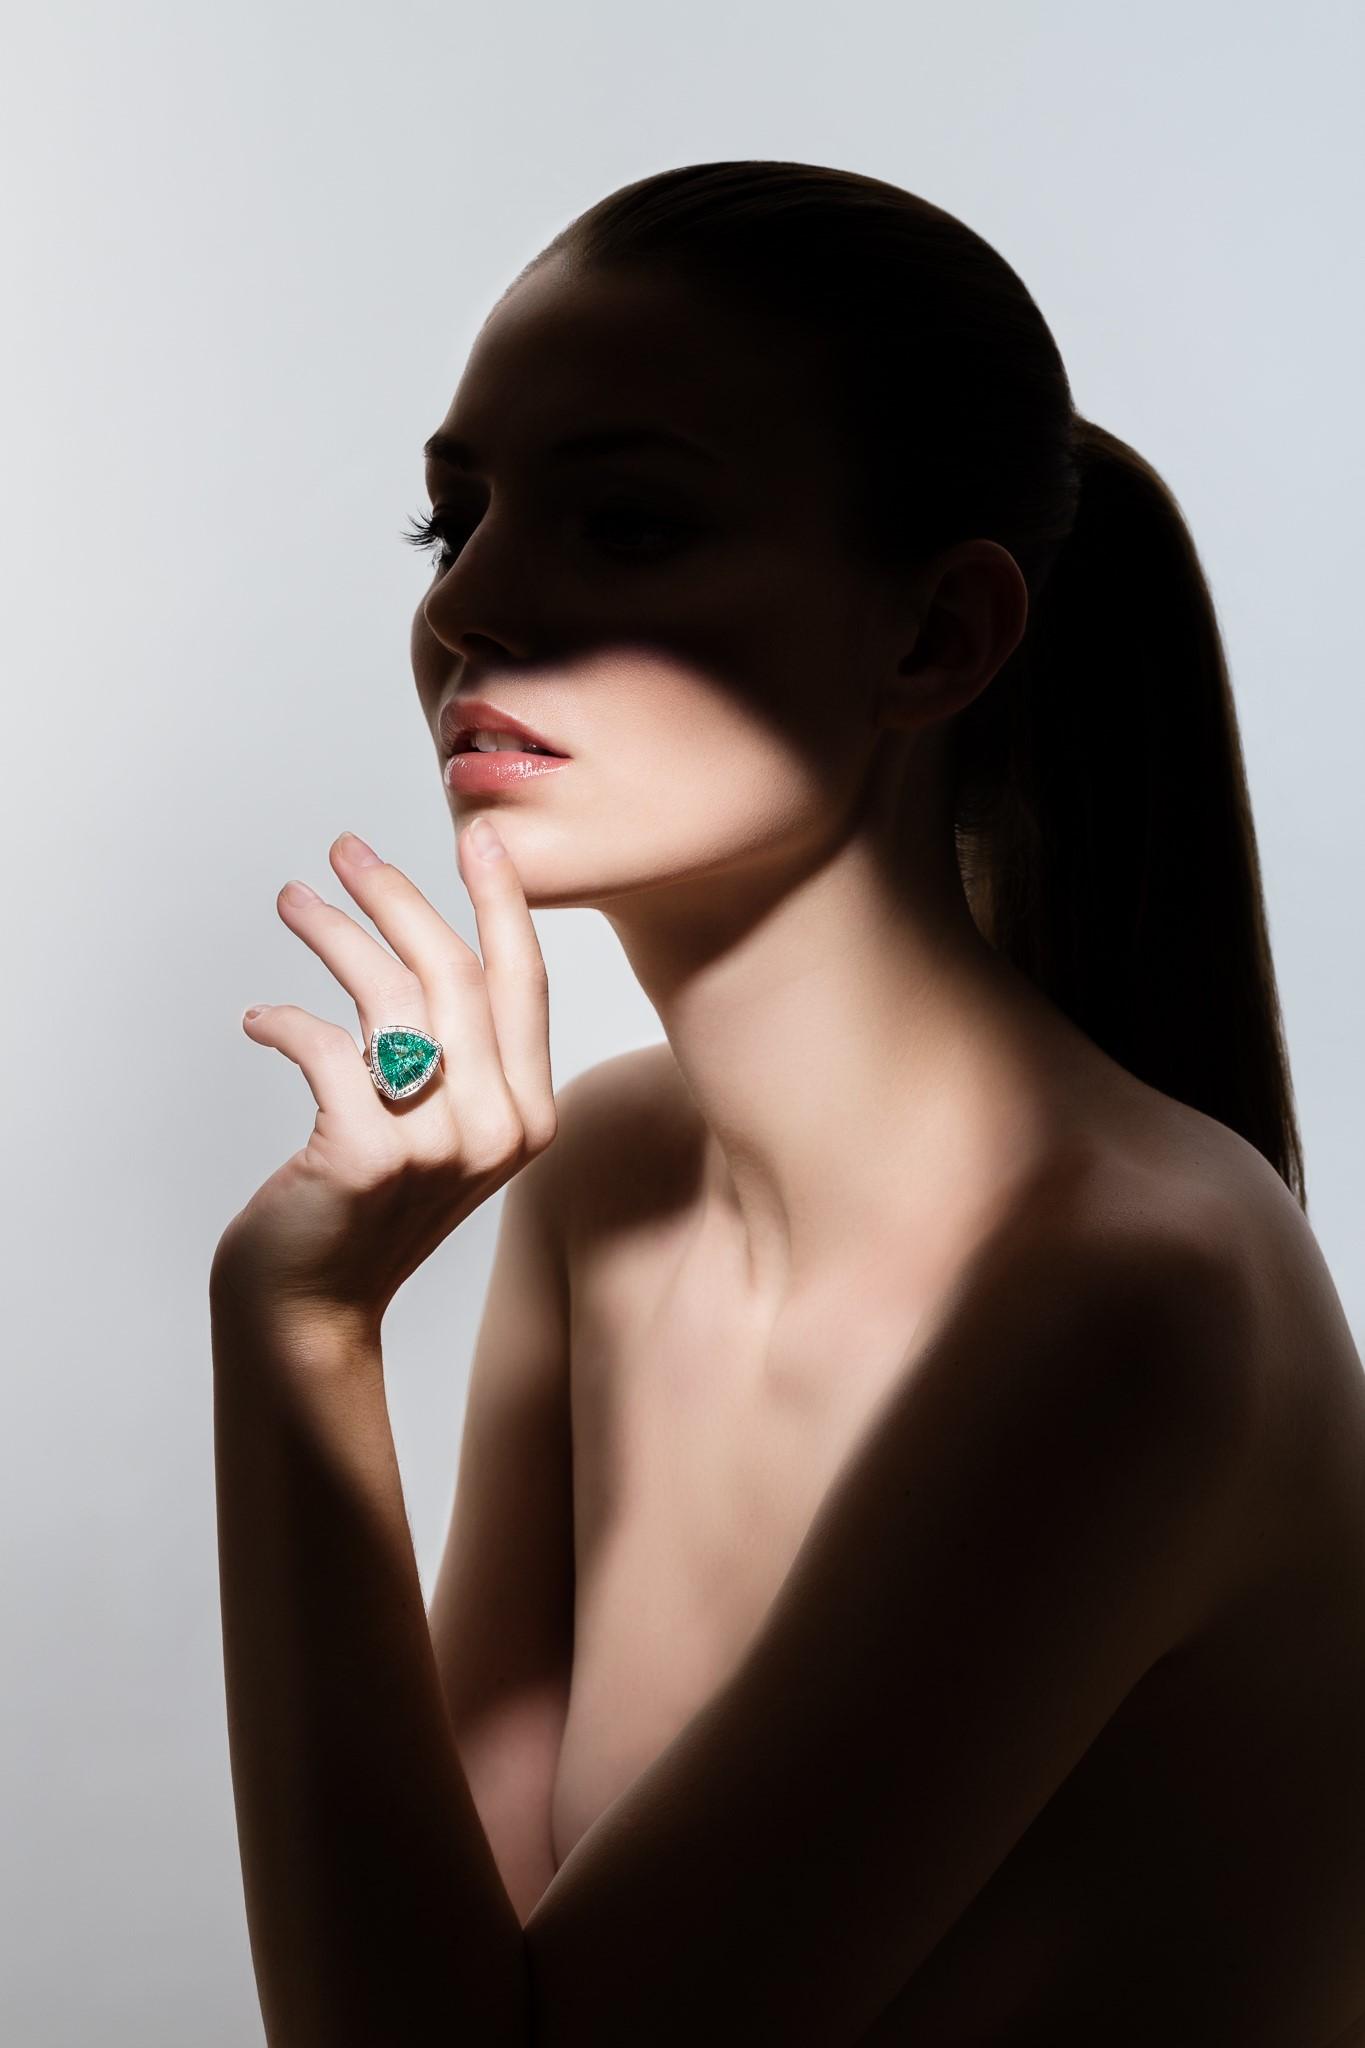 Paraibaturmalinring mit Diamanten in 18 karat Weißgold, Foto: Ernst Kainerstorfer